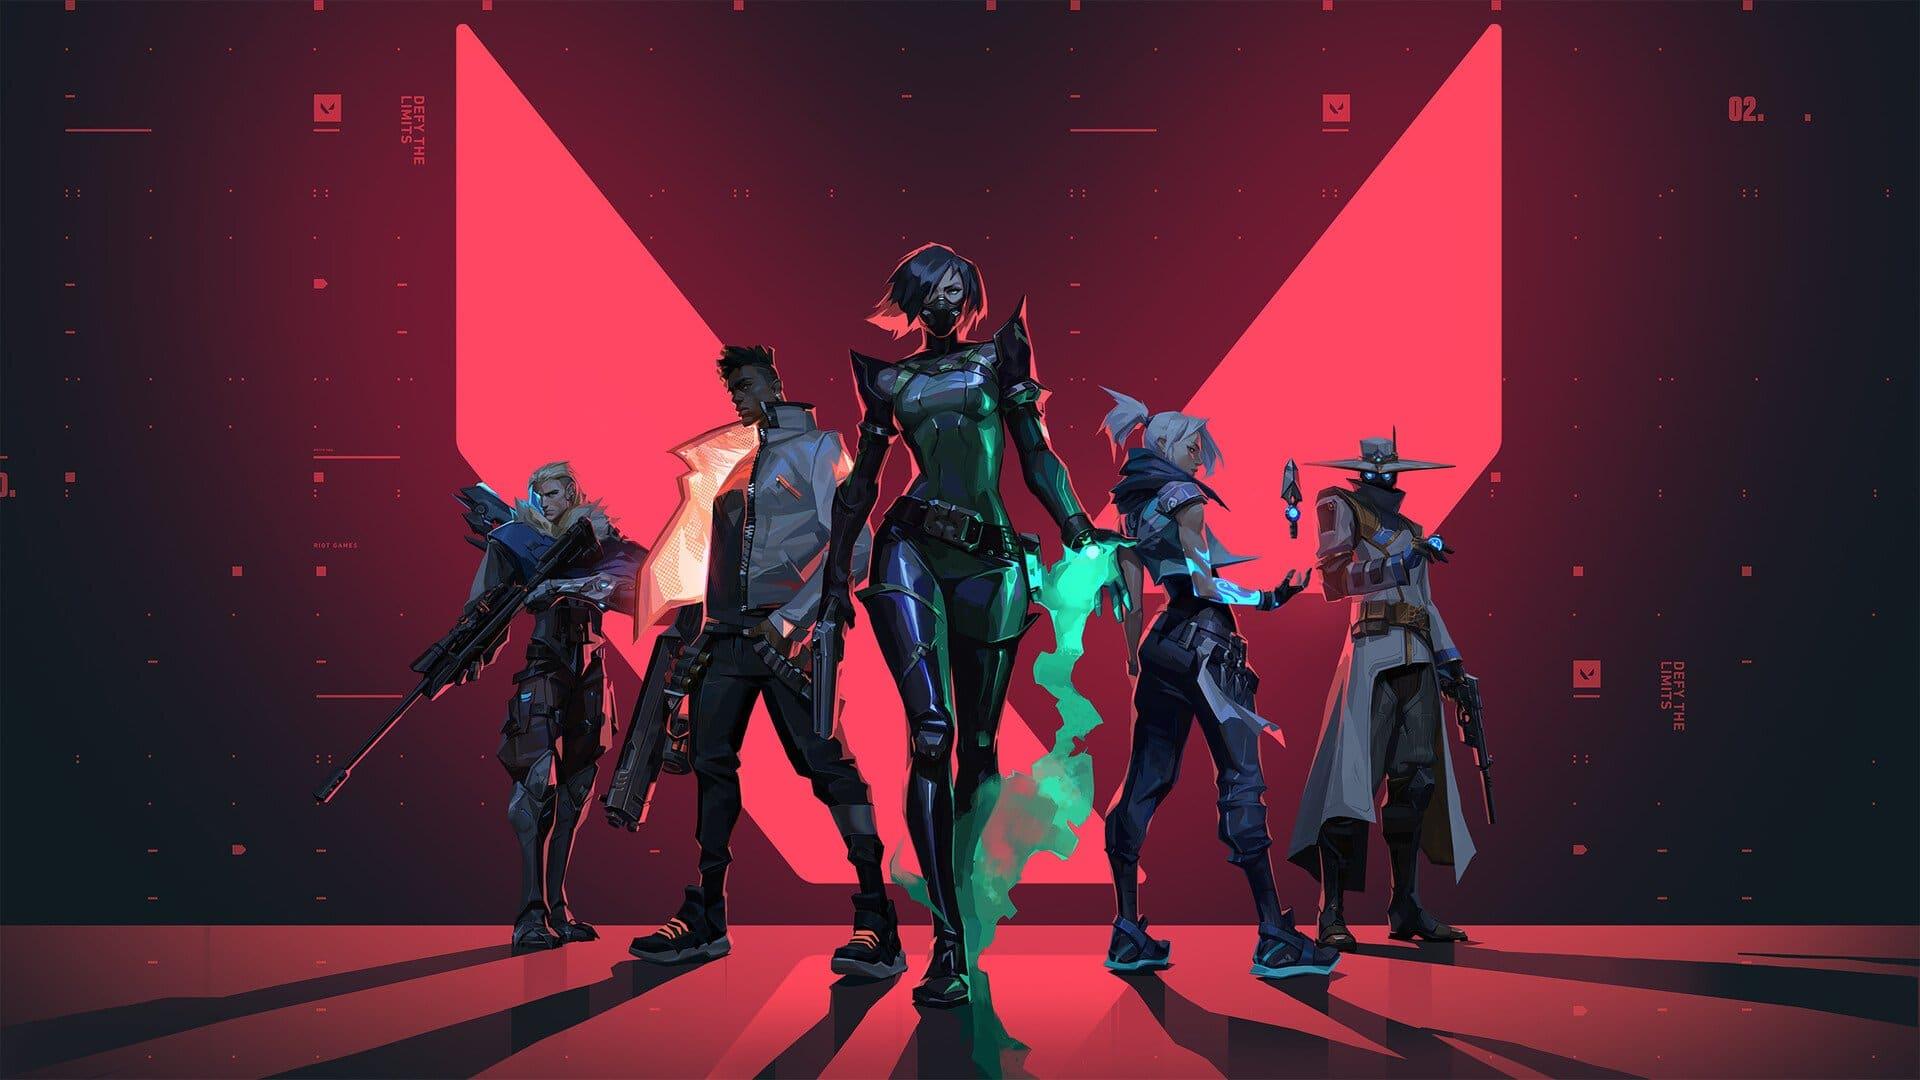 Valorant, annunciata la versione mobile dello sparatutto Riot Games thumbnail